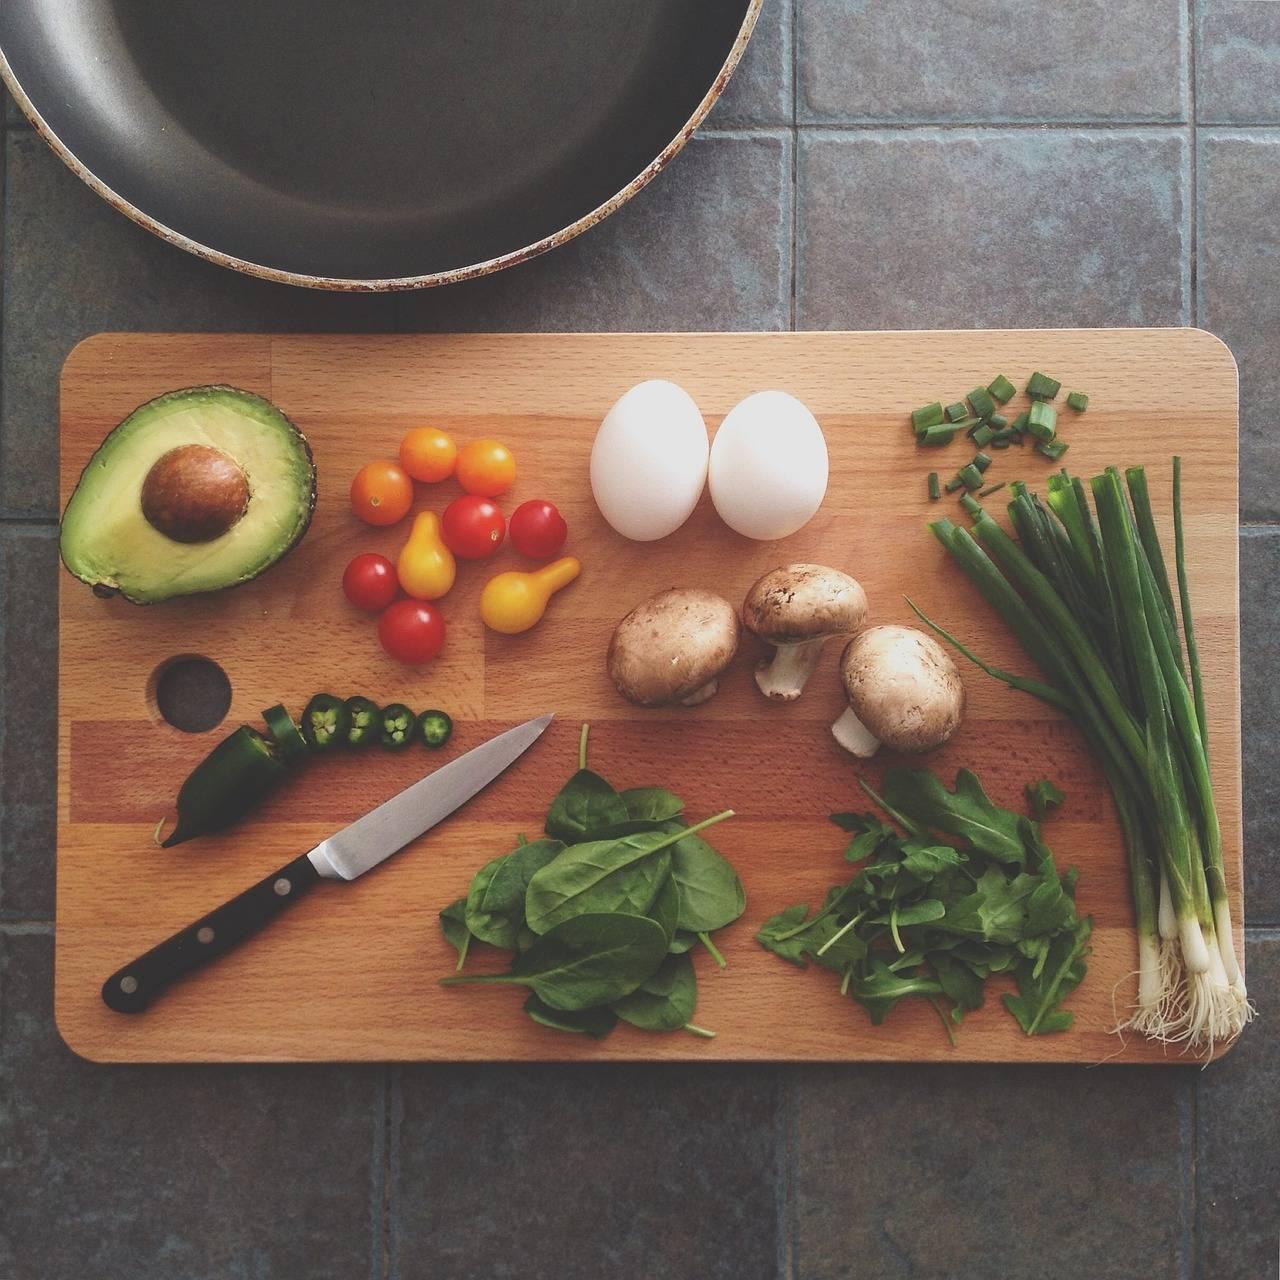 不会做菜?你需要能理解菜谱的烹饪机器人